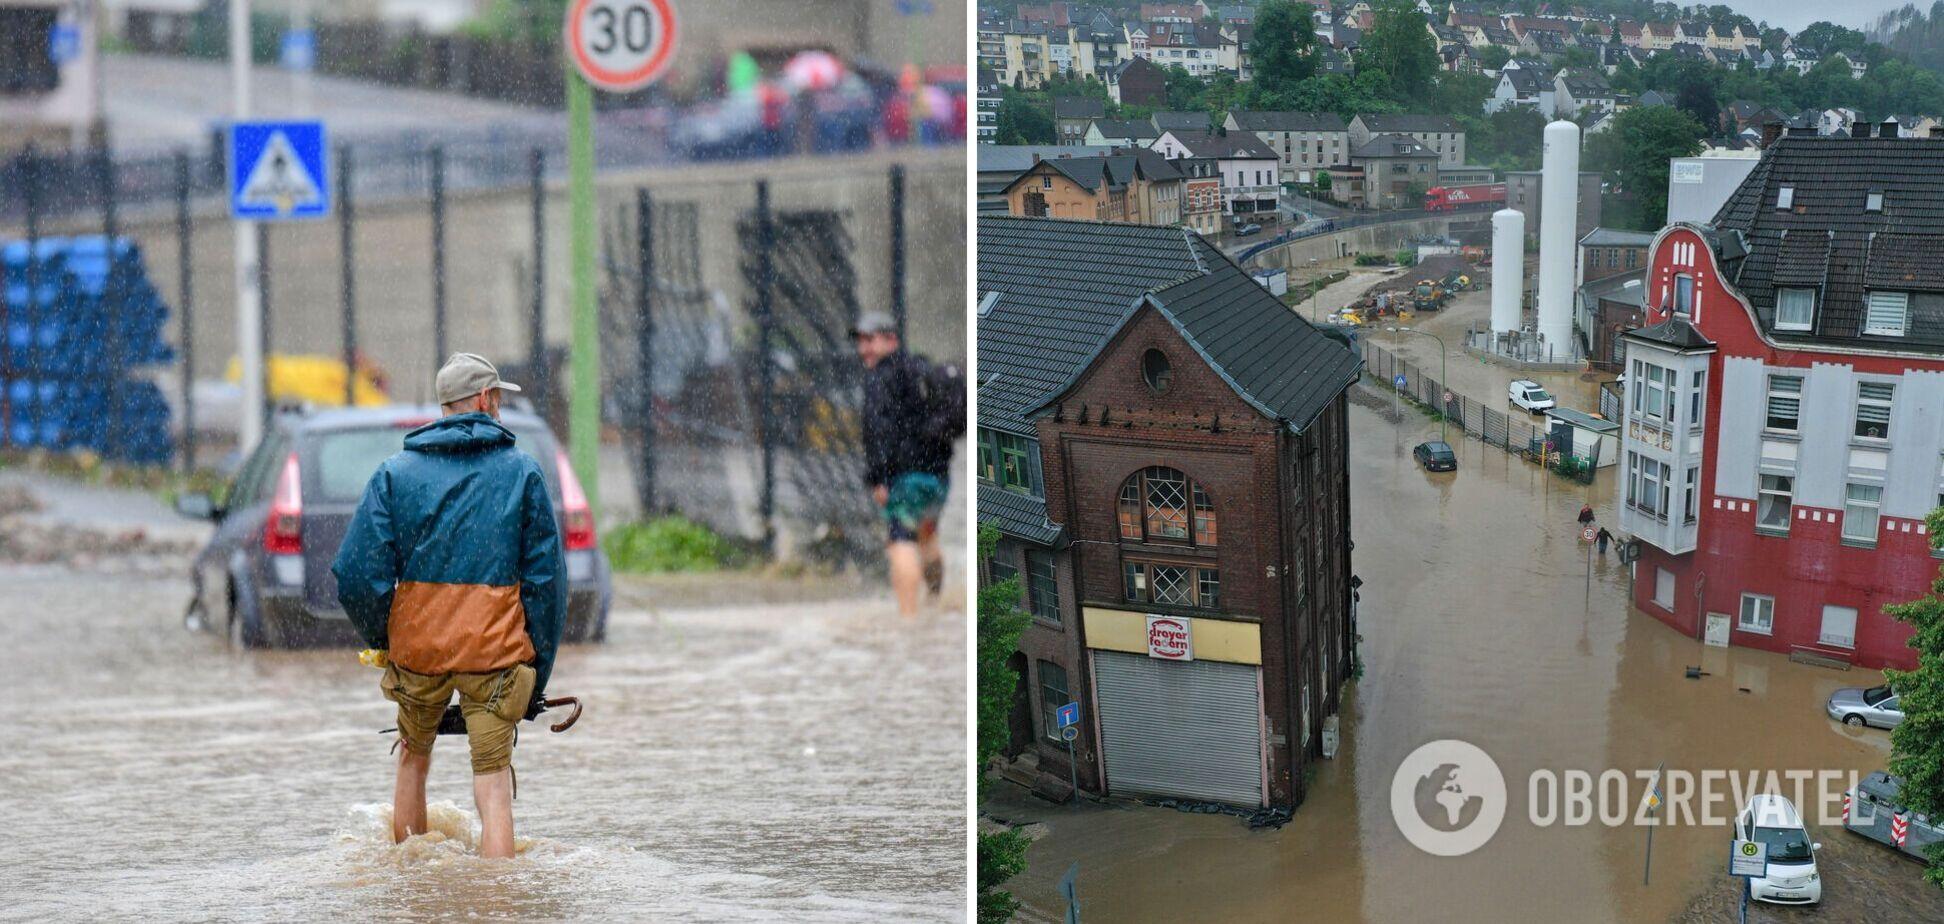 Наводнение в Германии унесло более 100 жизней, объявлен режим военной катастрофы. Фото и видео